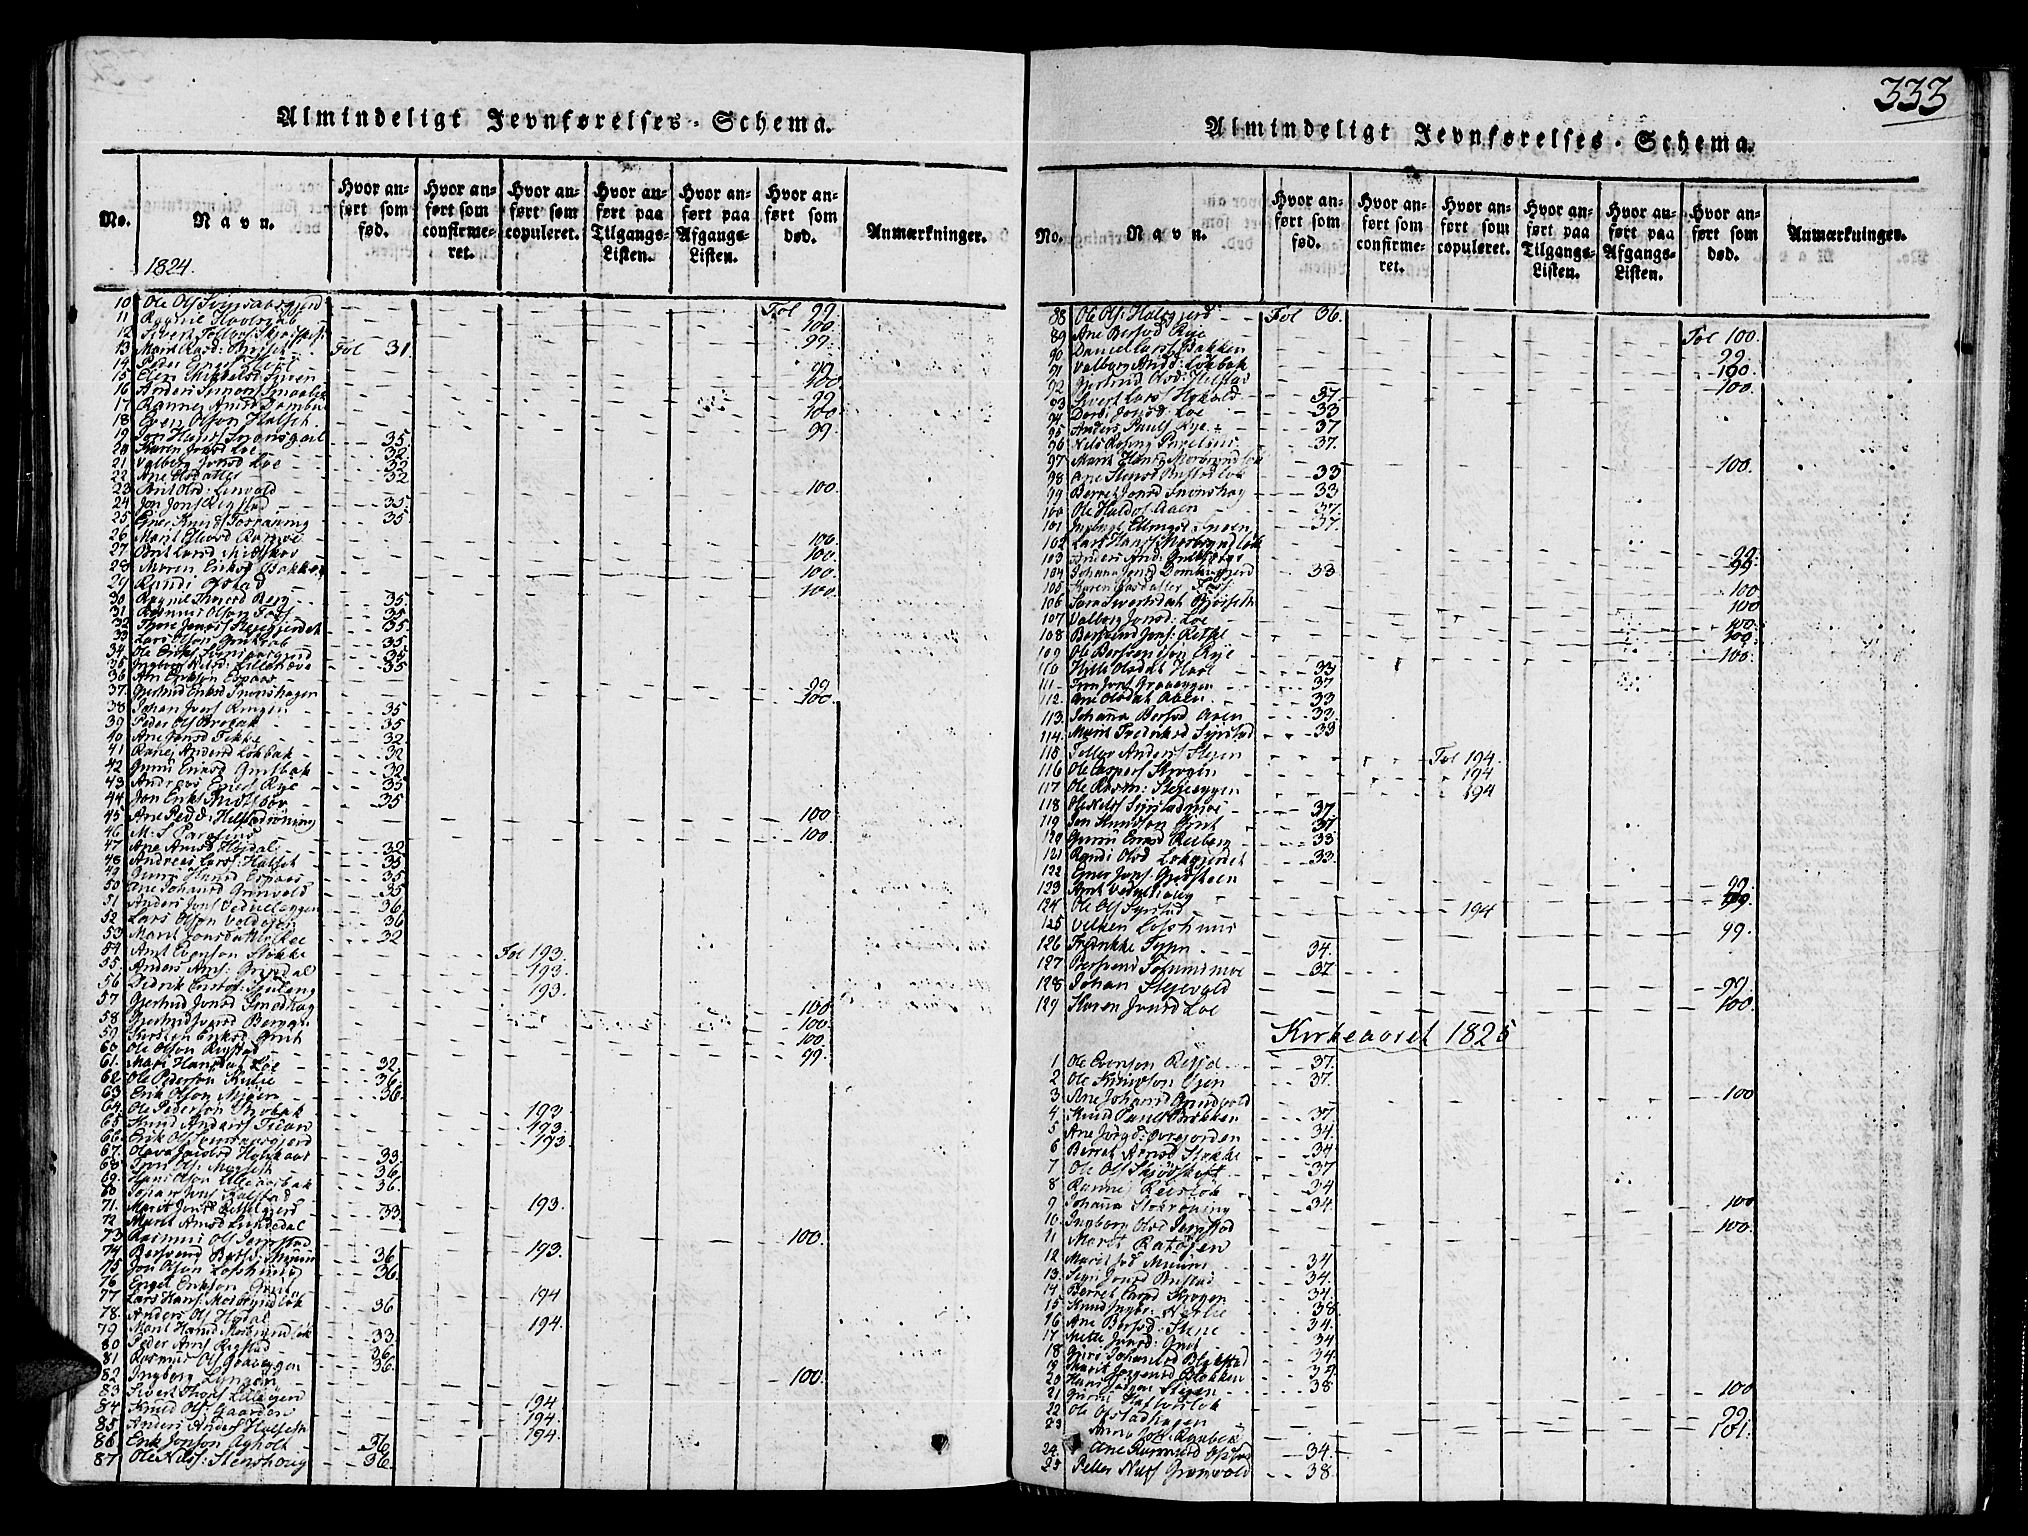 SAT, Ministerialprotokoller, klokkerbøker og fødselsregistre - Sør-Trøndelag, 672/L0853: Ministerialbok nr. 672A06 /1, 1816-1829, s. 333